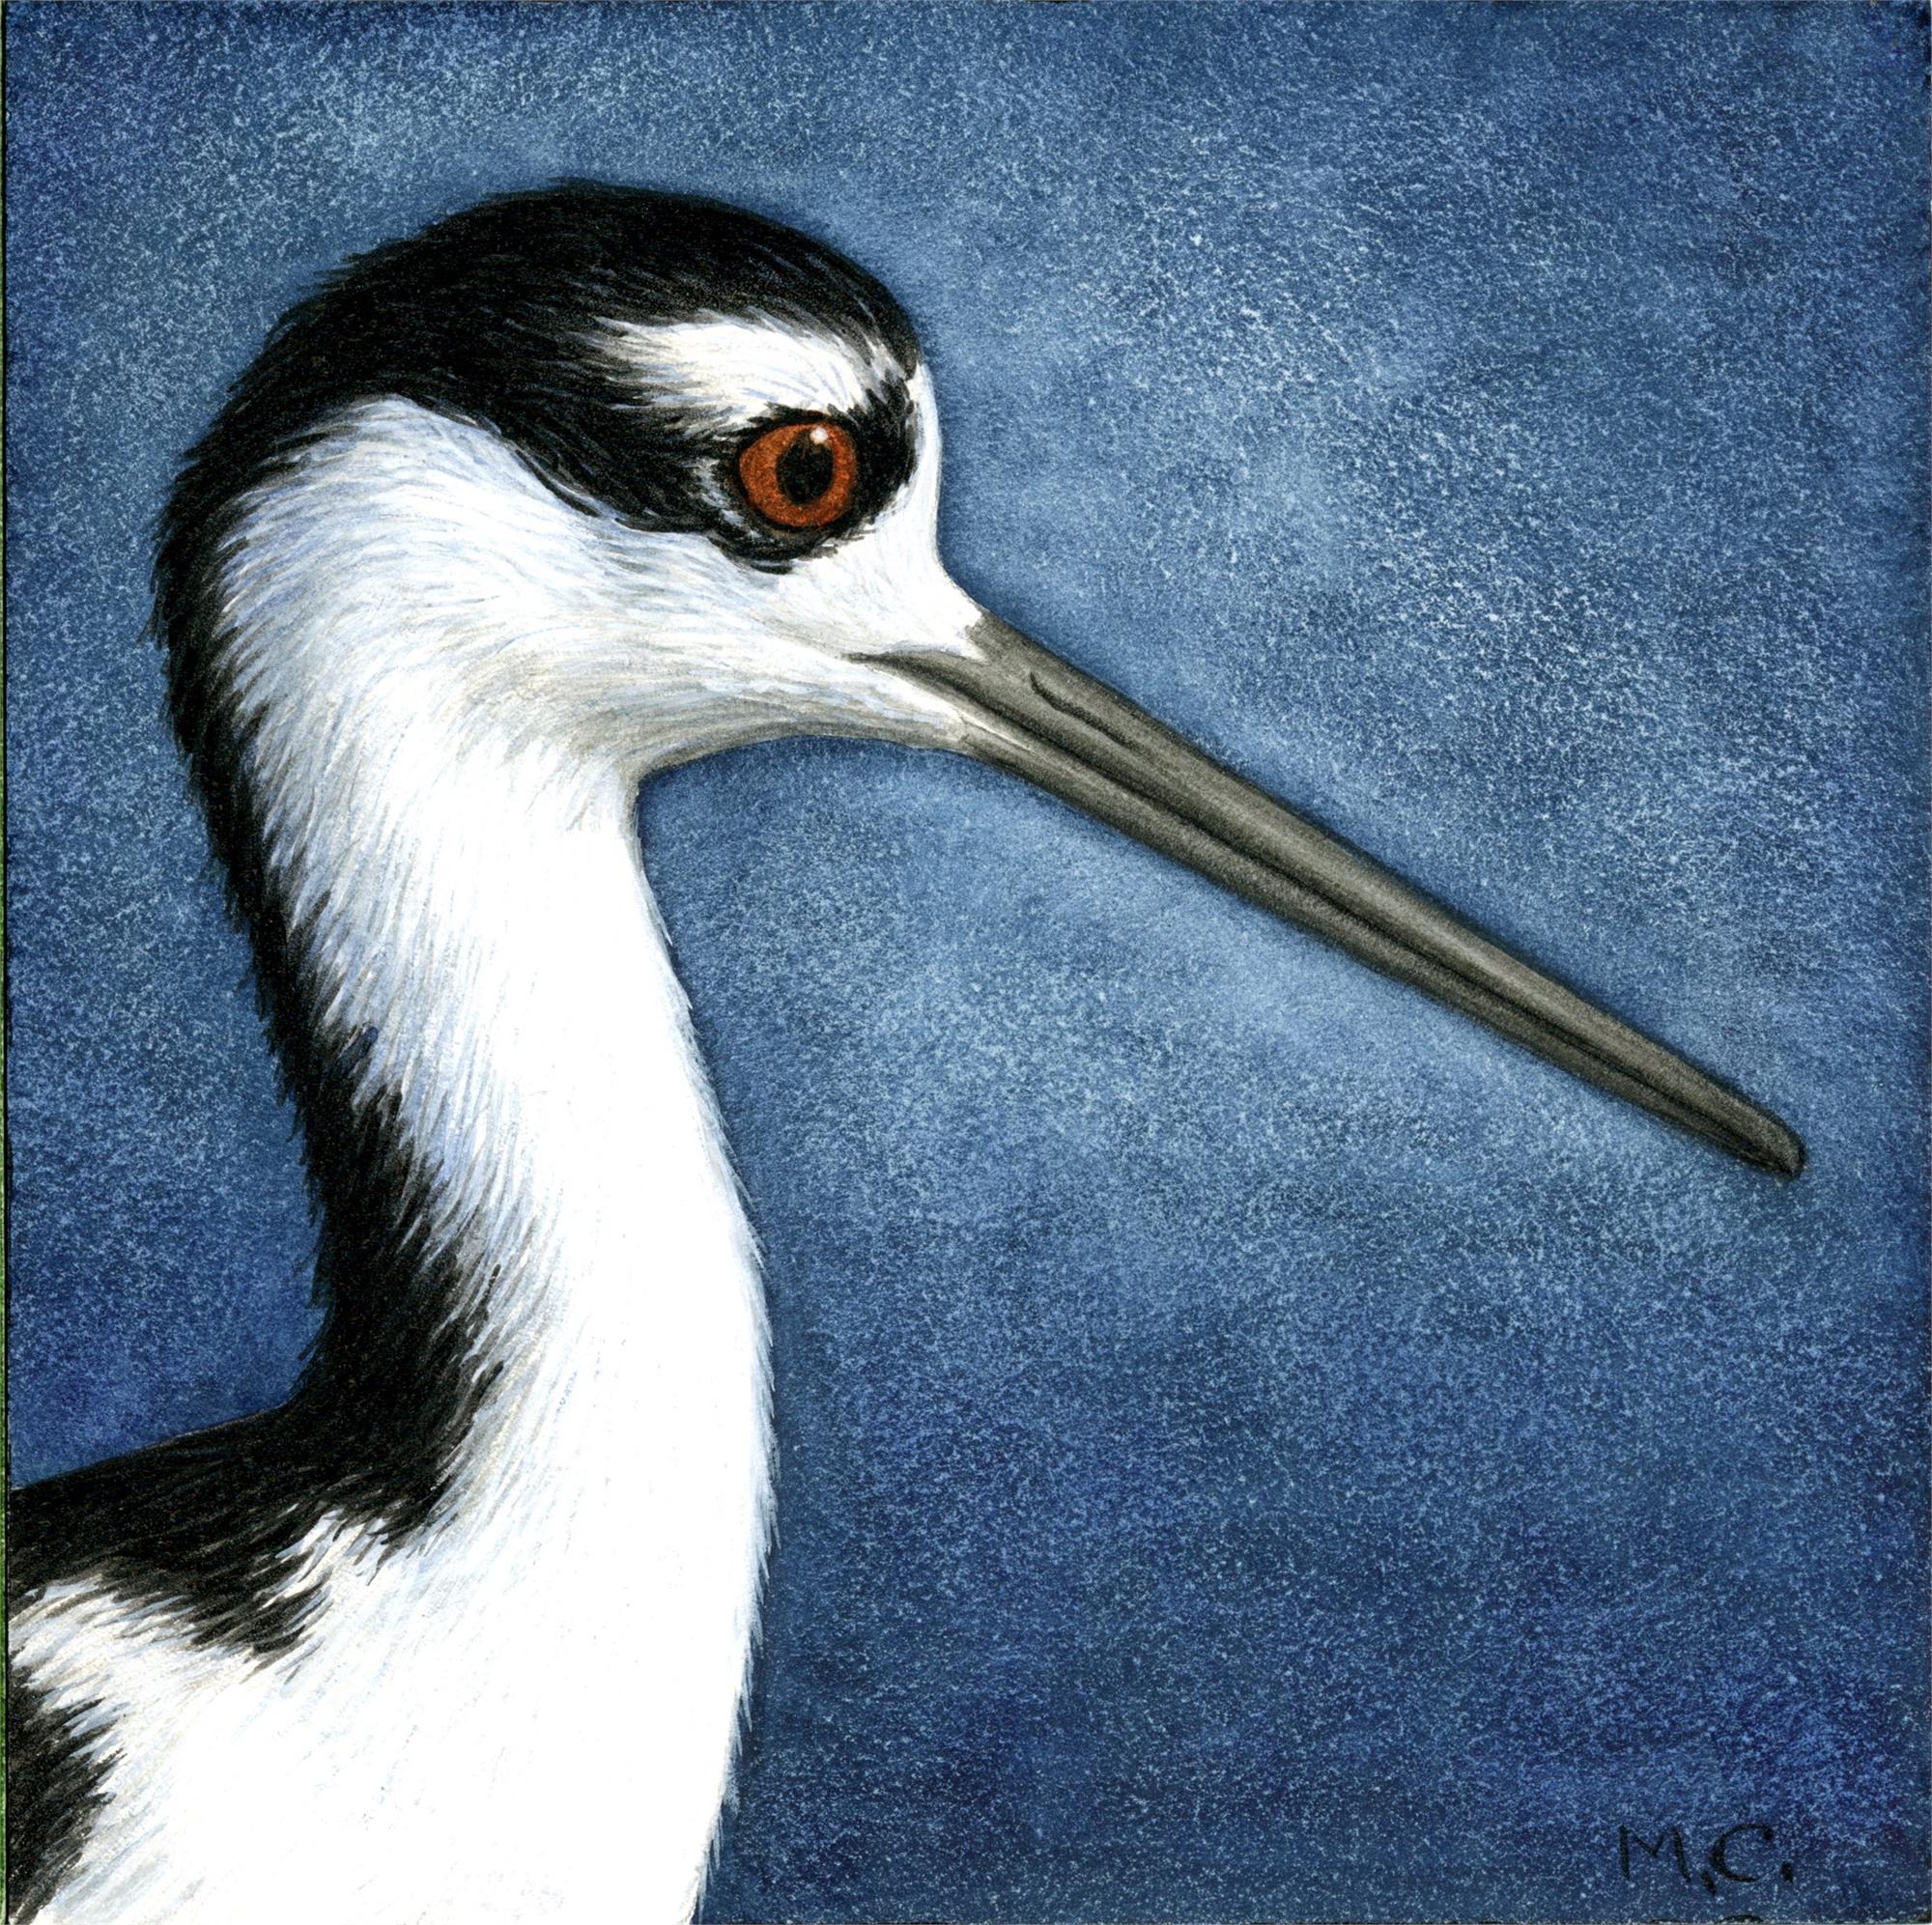 Black-necked Stilt by Margie Crisp